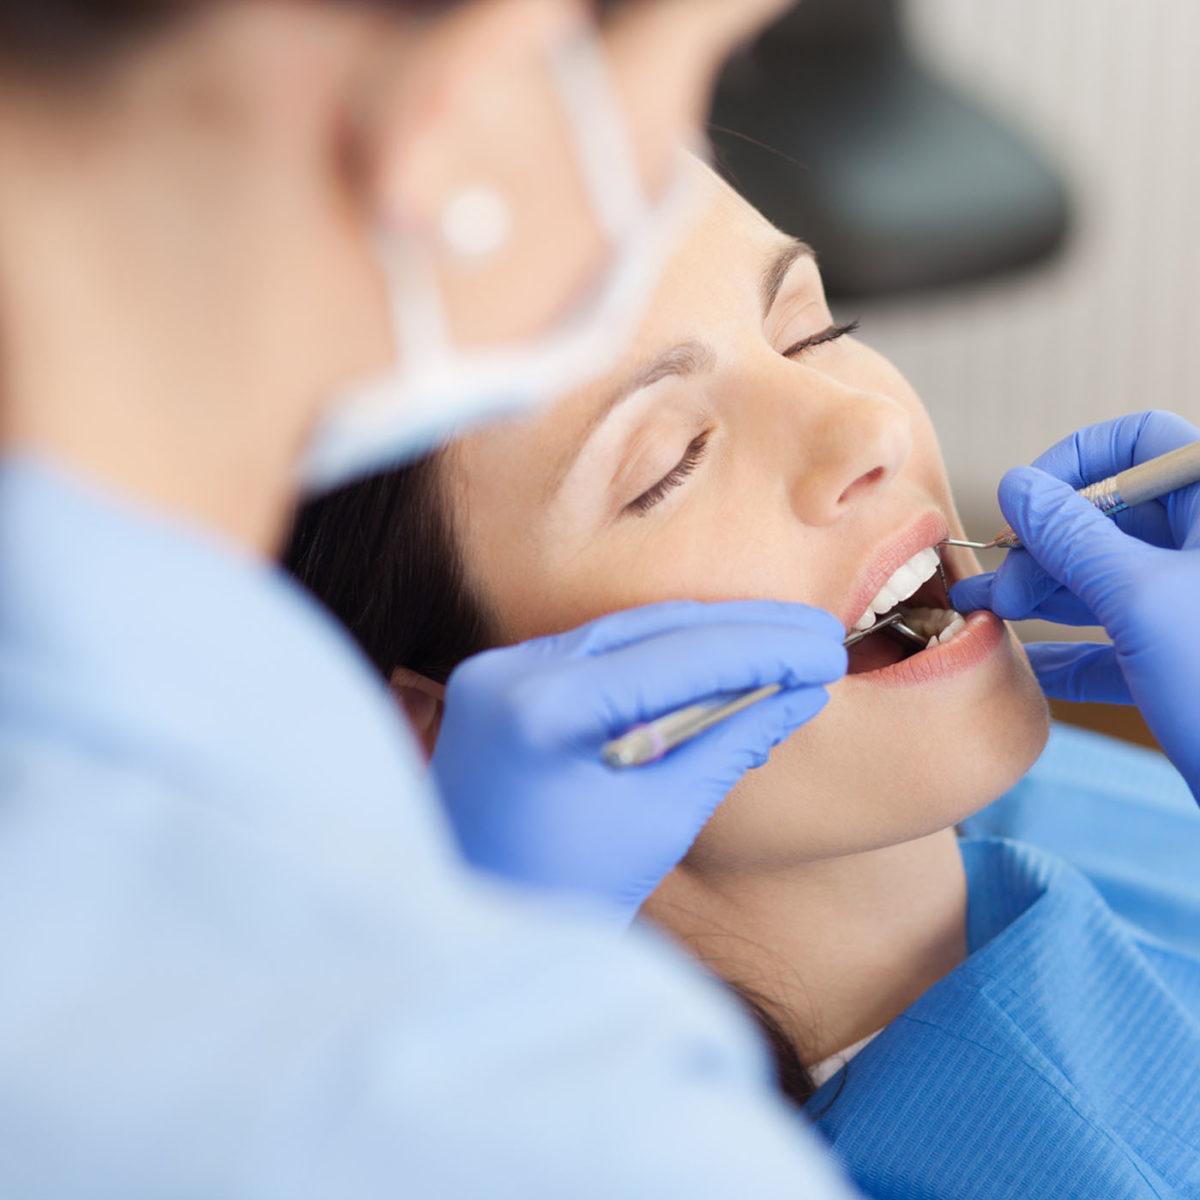 http://www.medipark.pl/wp-content/uploads/2015/11/dental-1200x1200.jpg